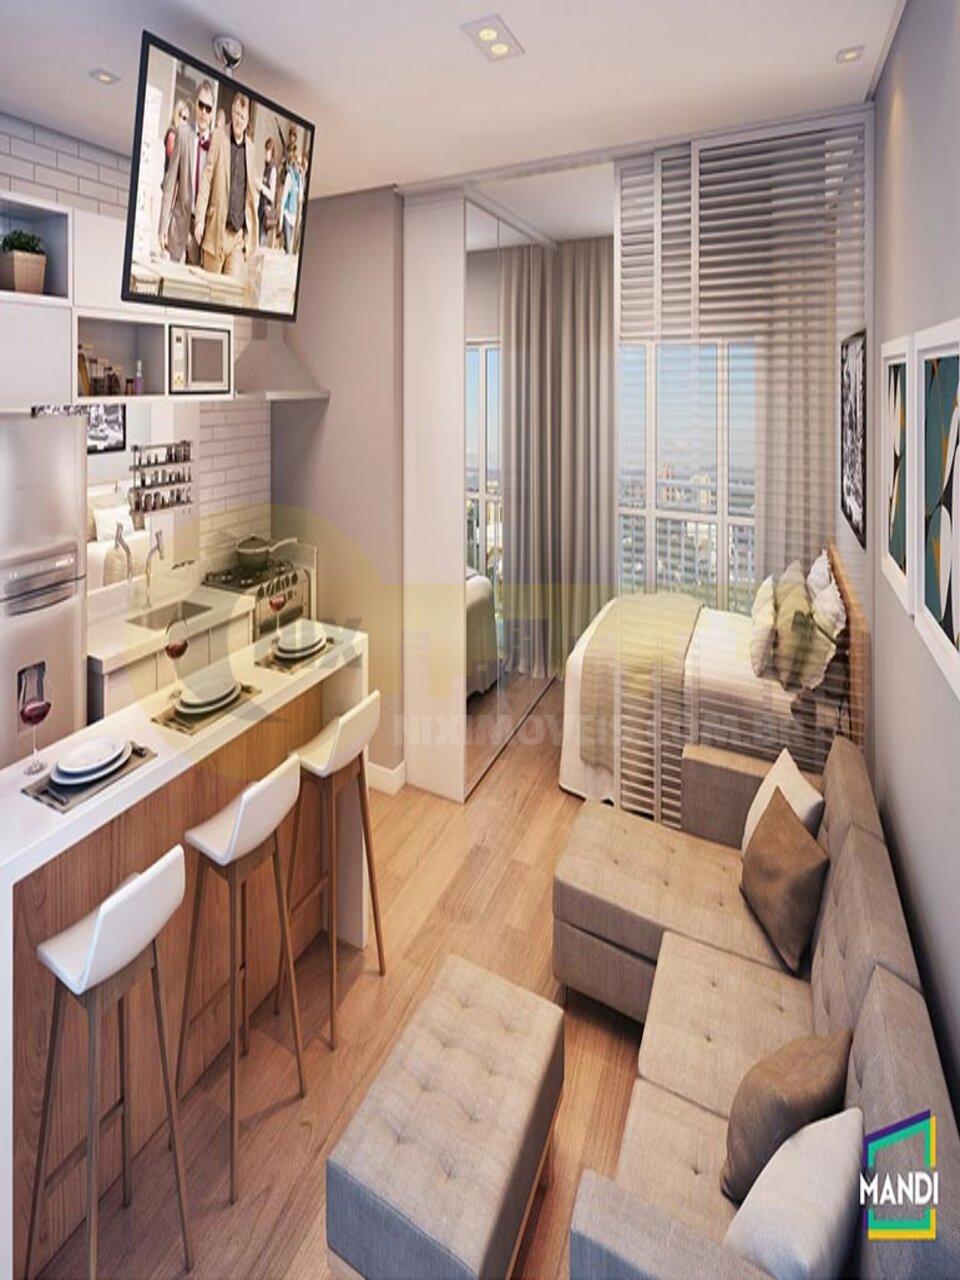 Apartamento para Alugar Butanta Mobiliado 100 metros da USP. Lindo studio 1 dormitório cozinha completa. Piscina, academia, espaço gourmet segurança 24h!!!